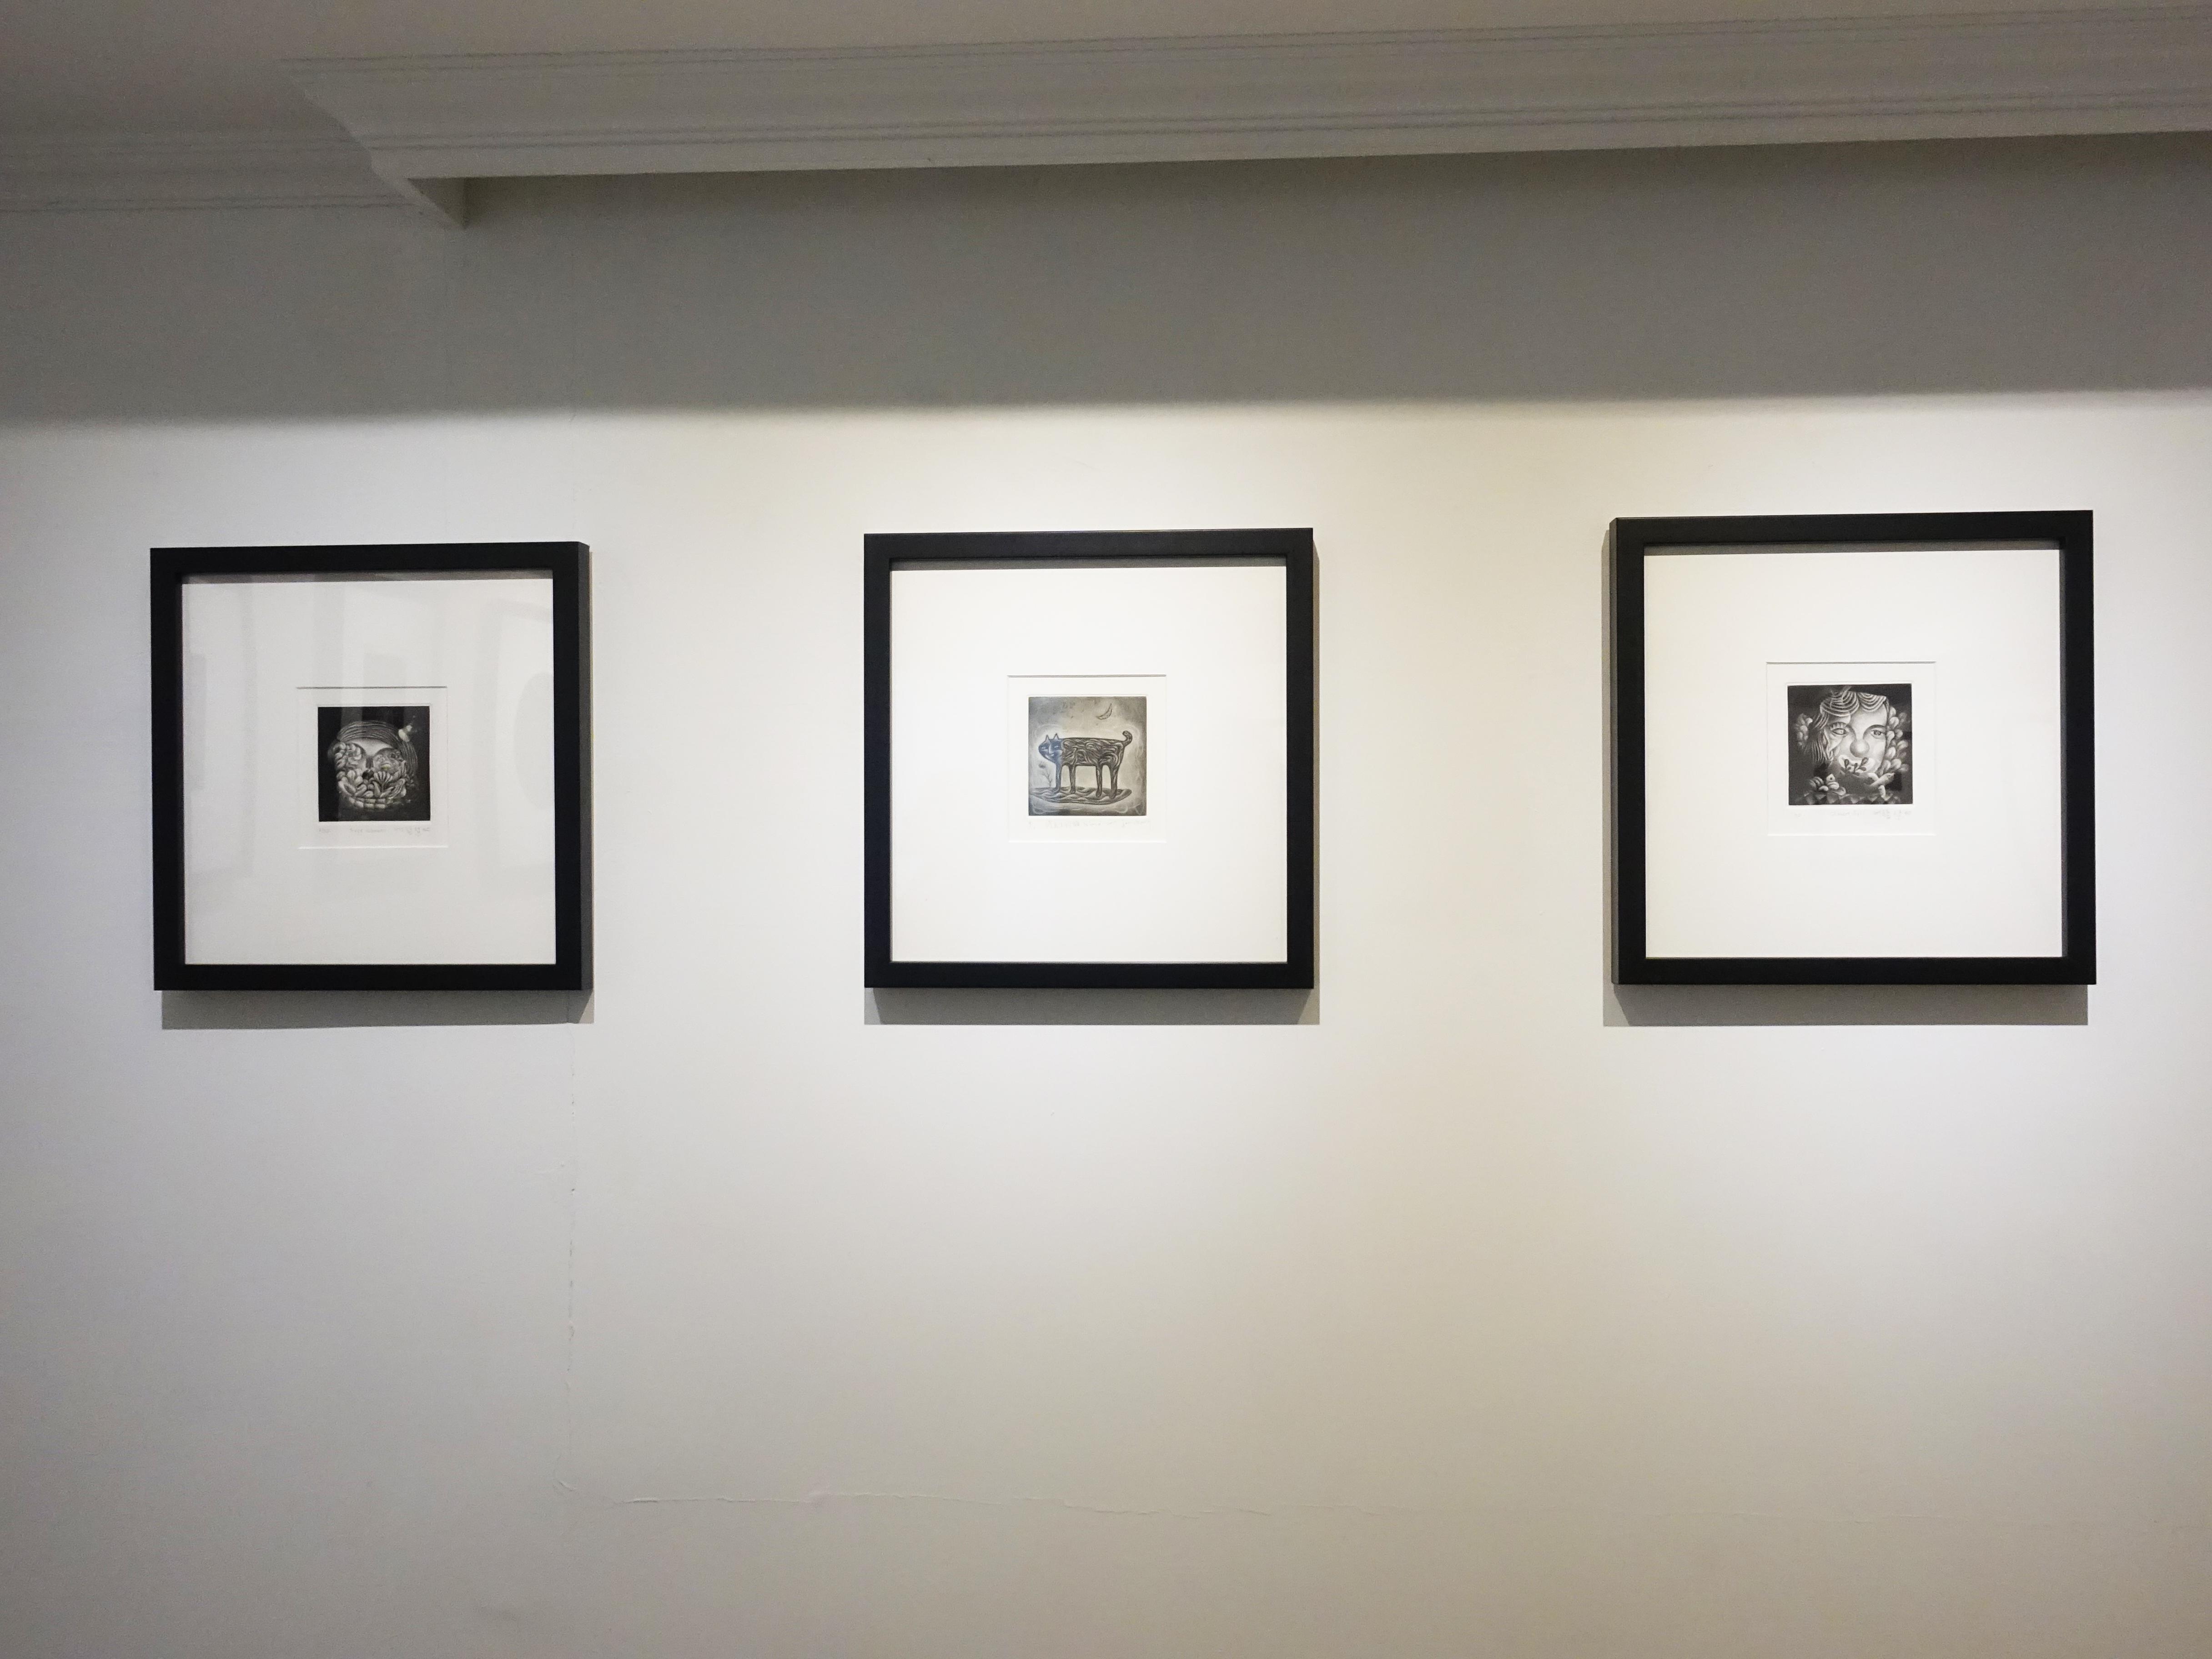 亞億藝術空間展出美柔汀聯展《墨色裡的黑與白 Among the Darkness》。